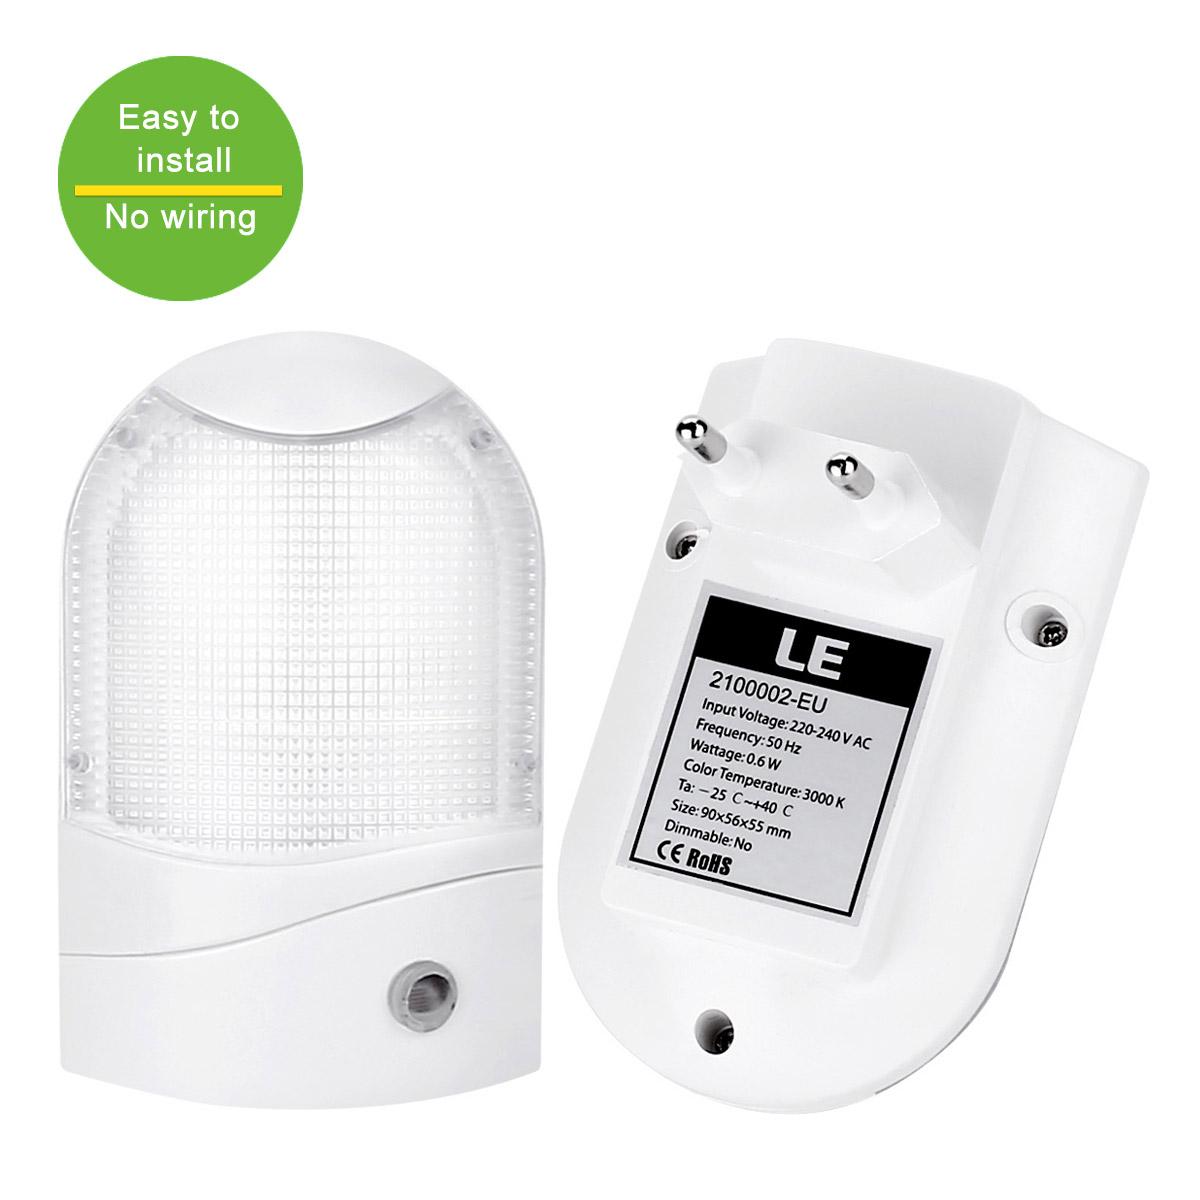 Nachtlicht mit Dßmmerungssensor, 6 LEDs 48lm, Steckdosenlampe, Warmweiß, 2 Stücke